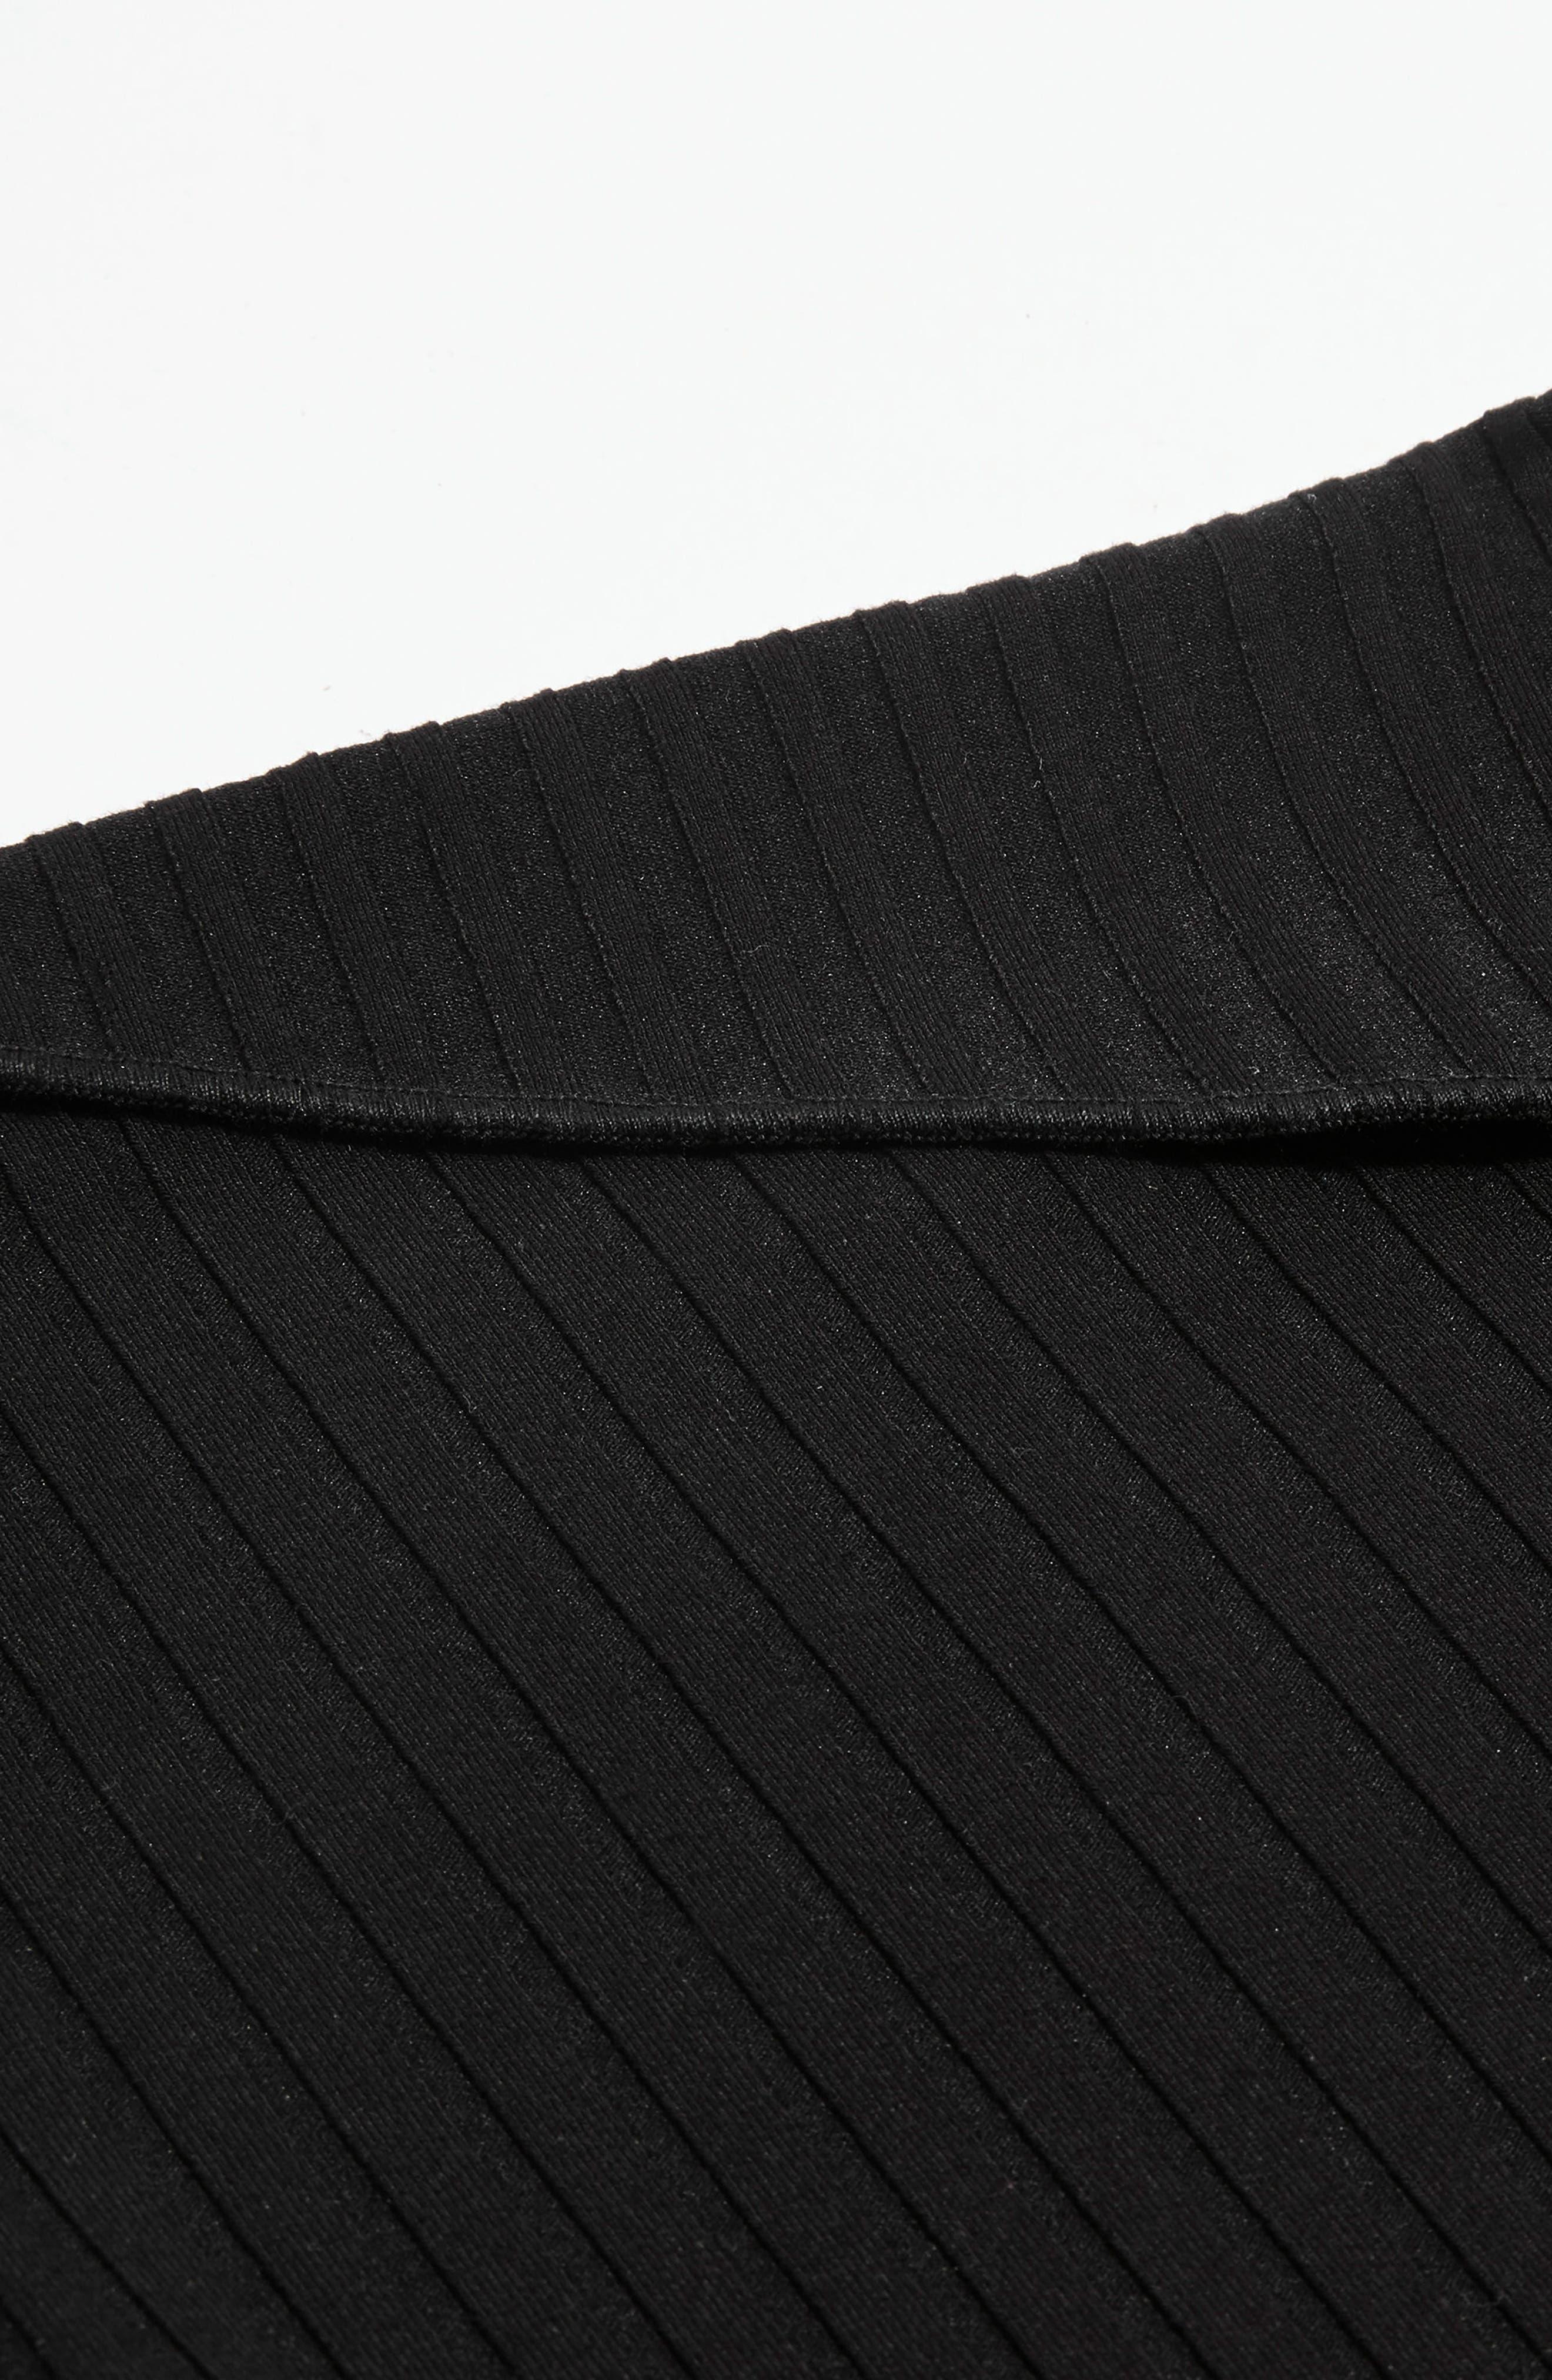 Fold Neck Rib Shirt,                             Alternate thumbnail 4, color,                             Black